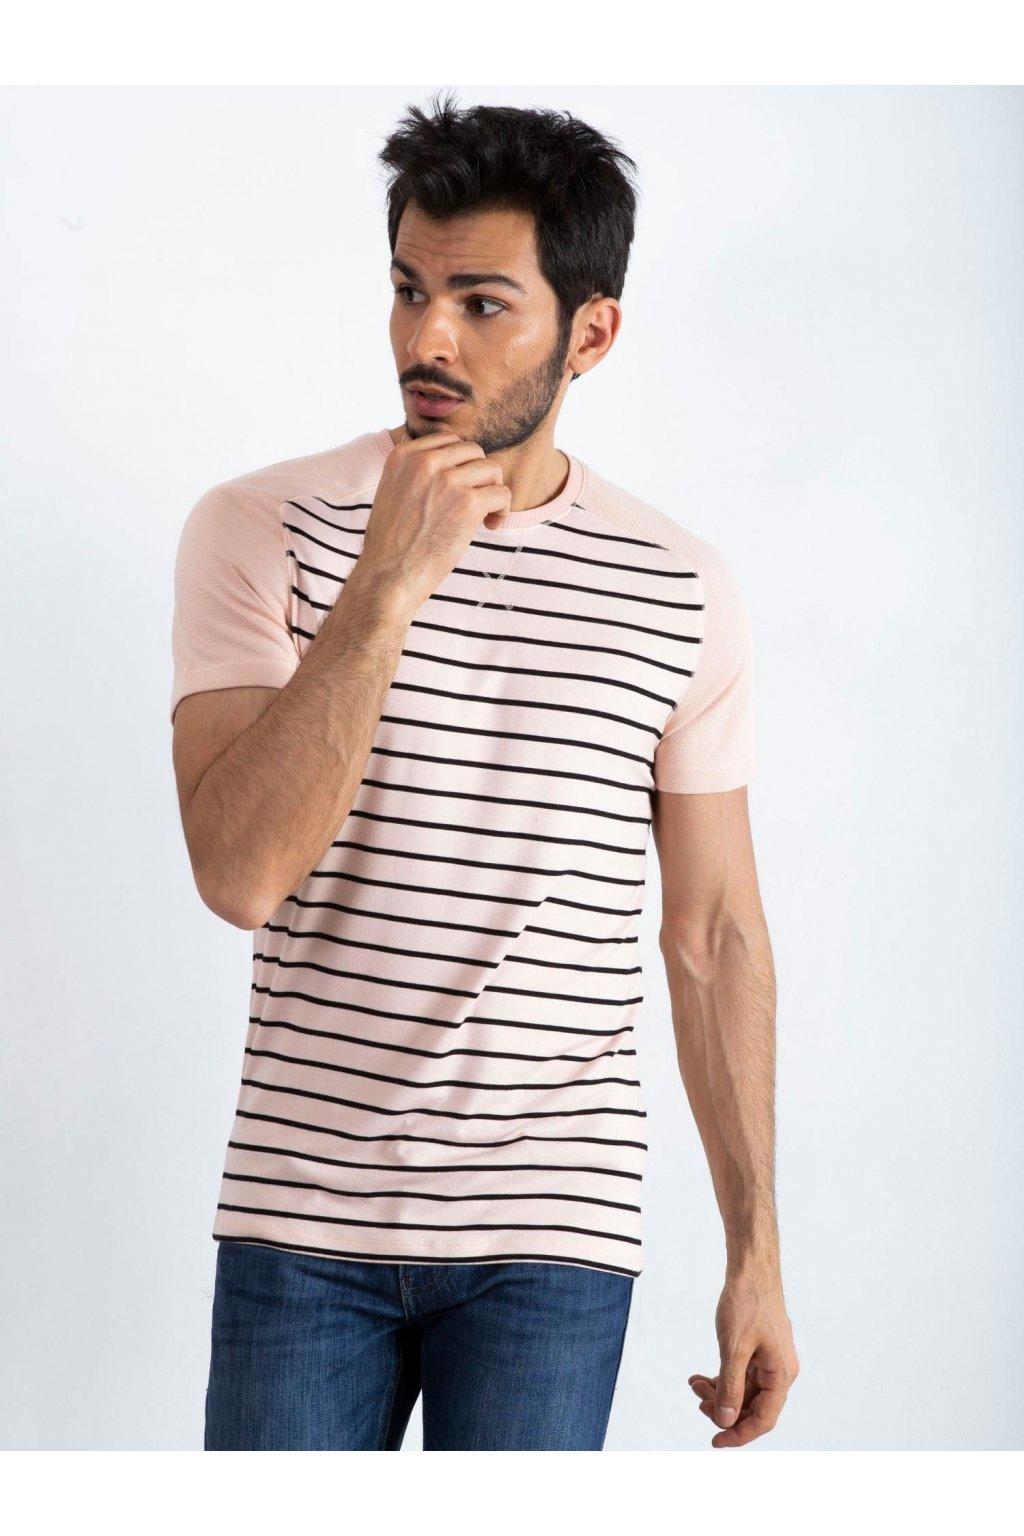 Tričko t-shirt kód M019Y03054380